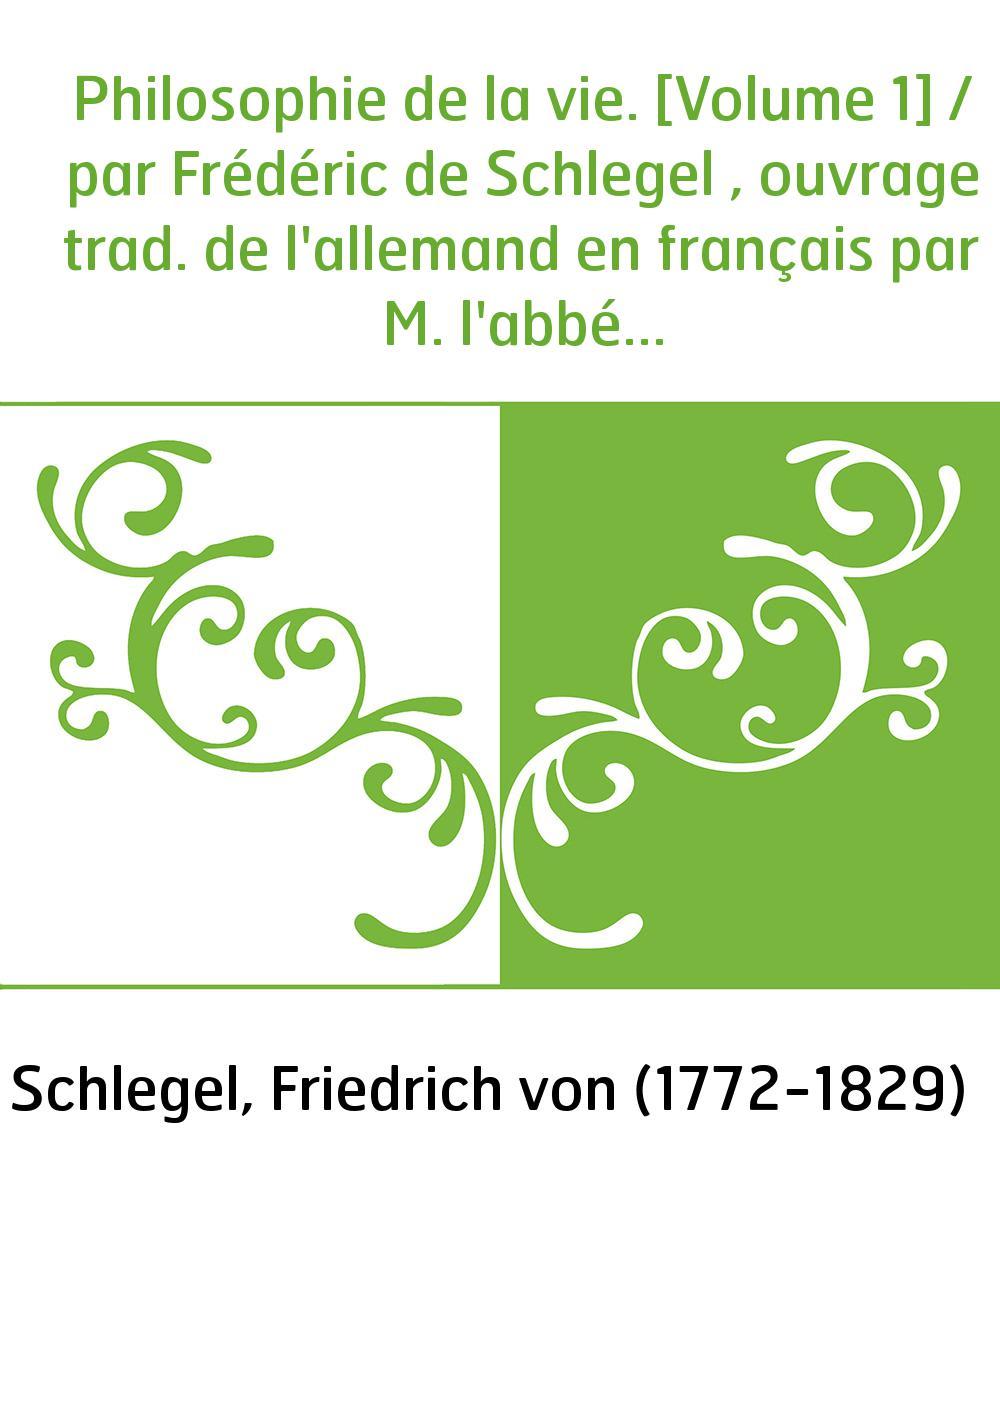 Philosophie de la vie. [Volume 1] / par Frédéric de Schlegel , ouvrage trad. de l'allemand en français par M. l'abbé Guénot...